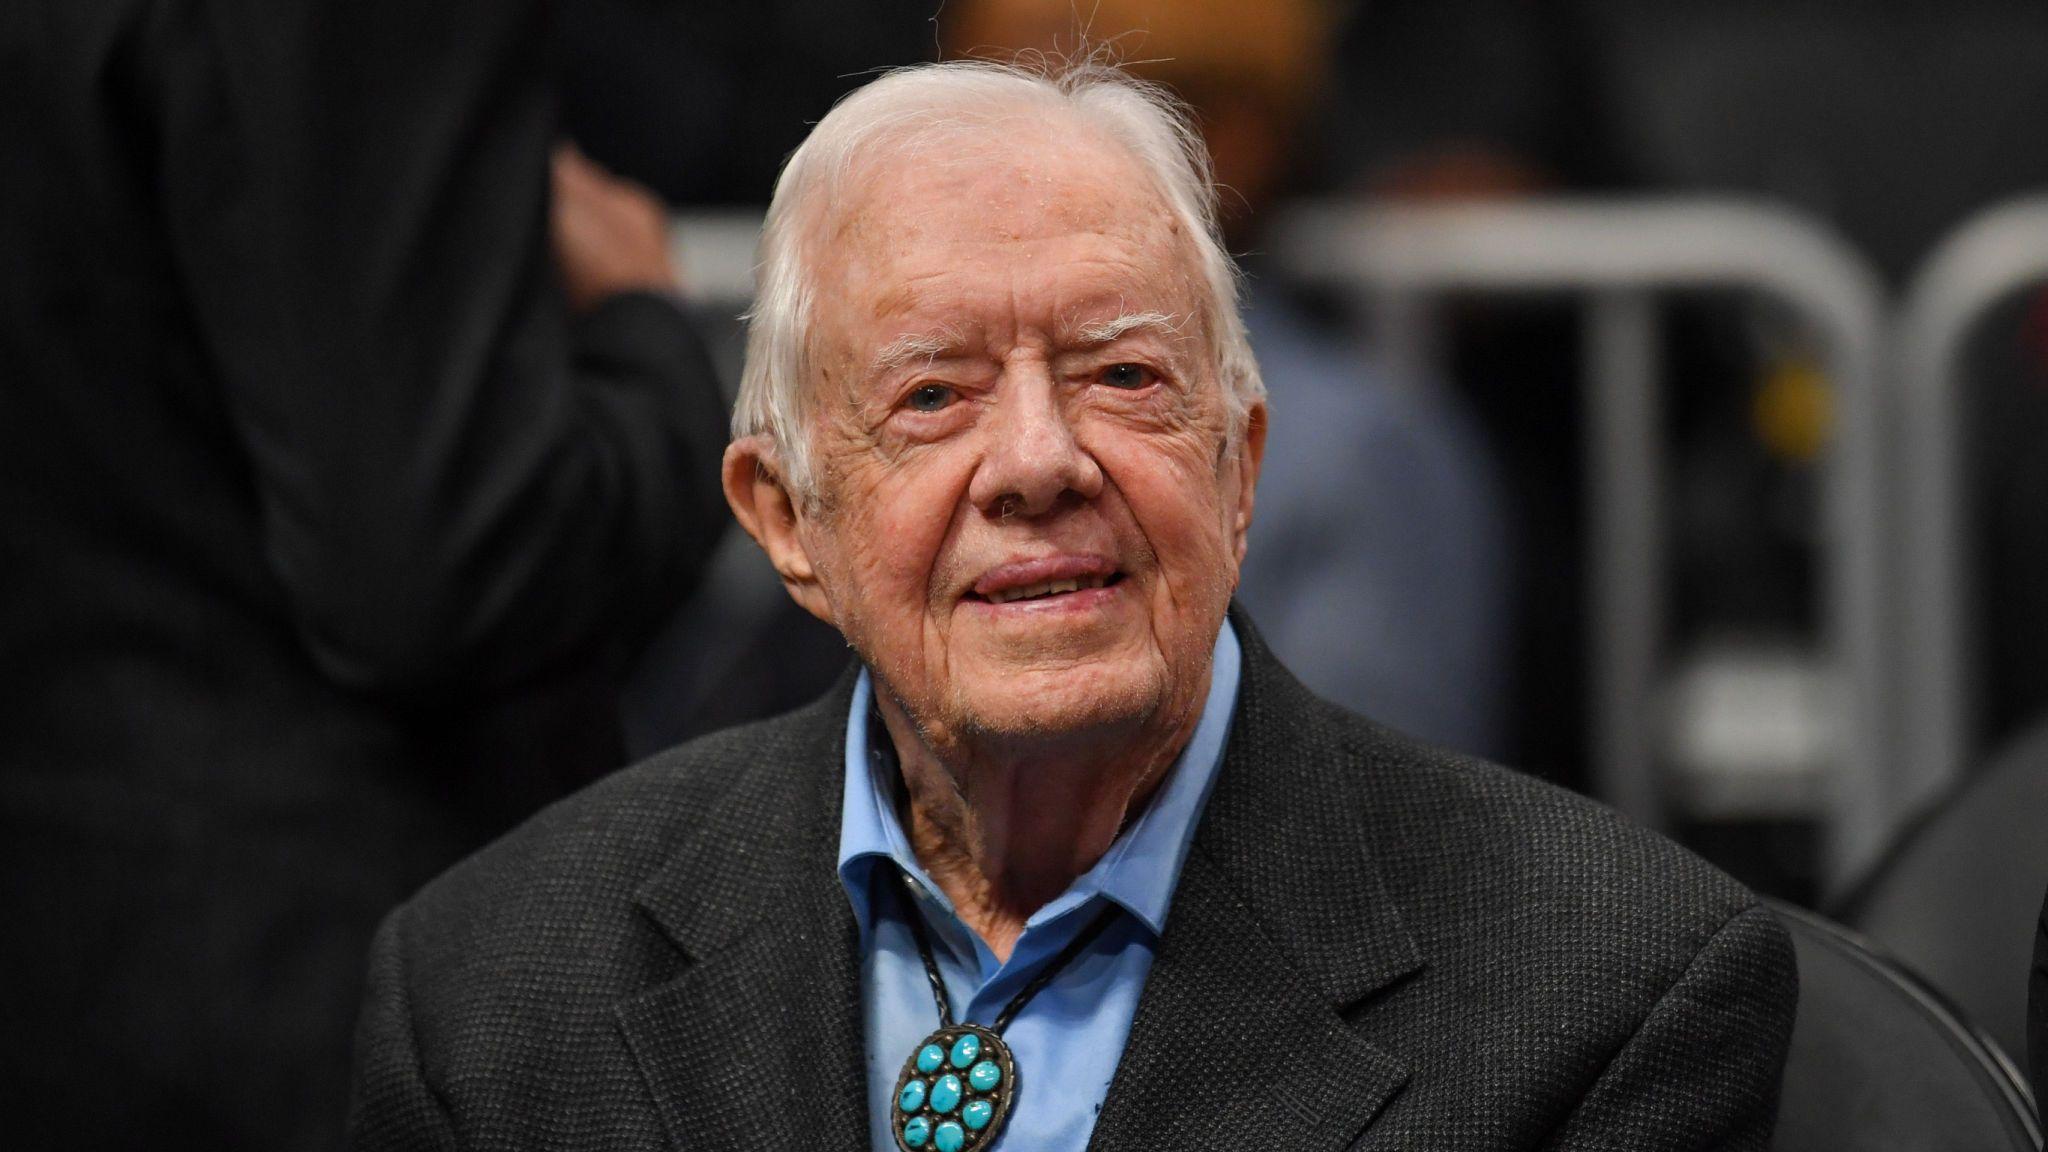 Expresidente Jimmy Carter se recupera tras someterse a una cirugía cerebral